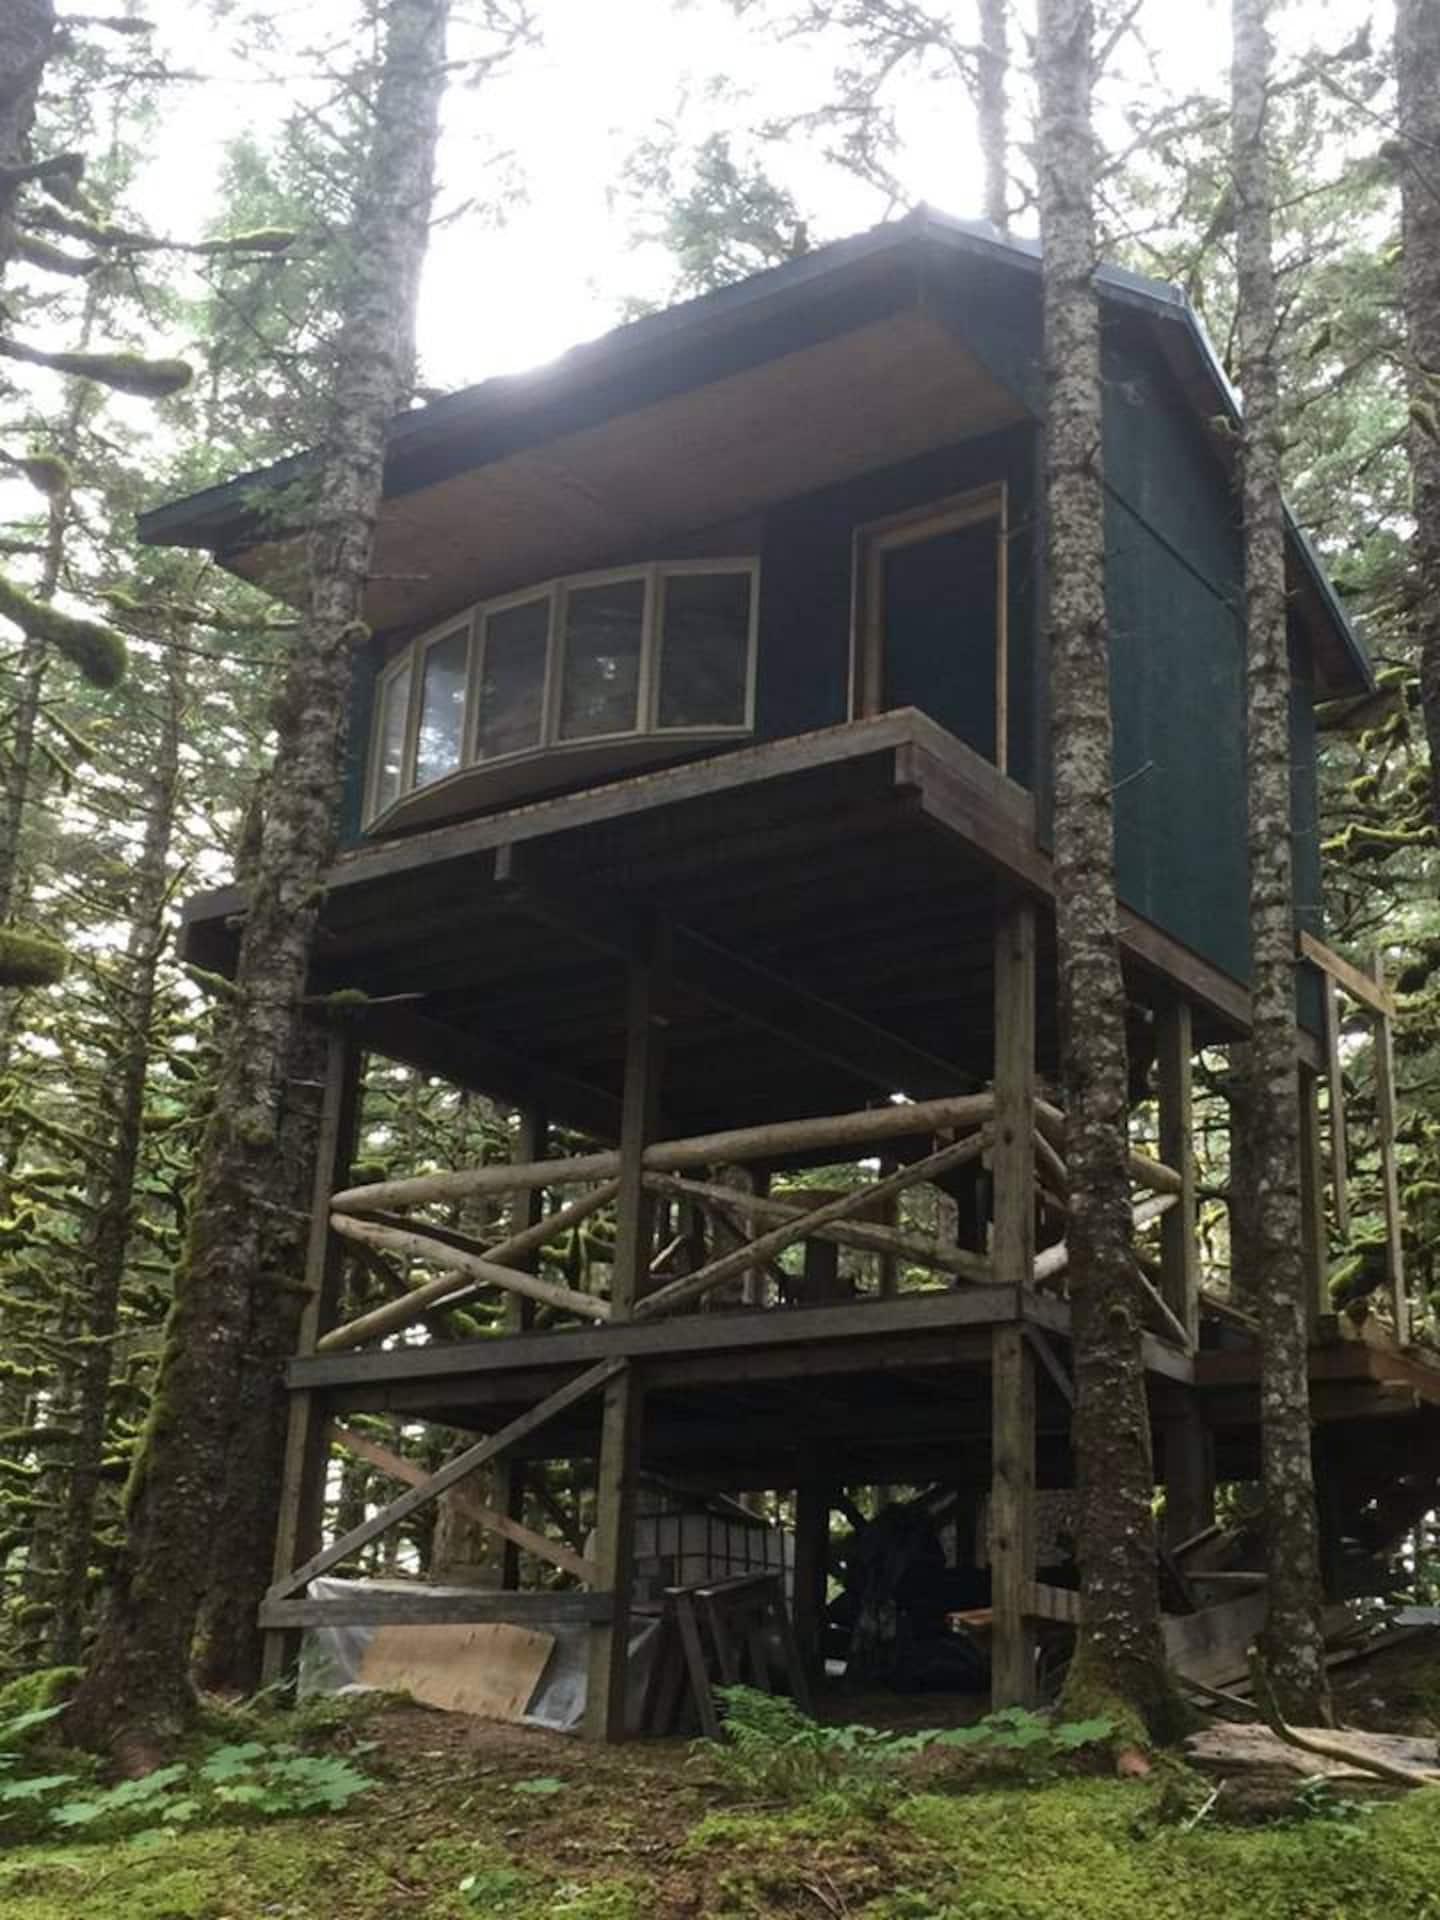 The Eagle's Nest — Whale Island Treehouse